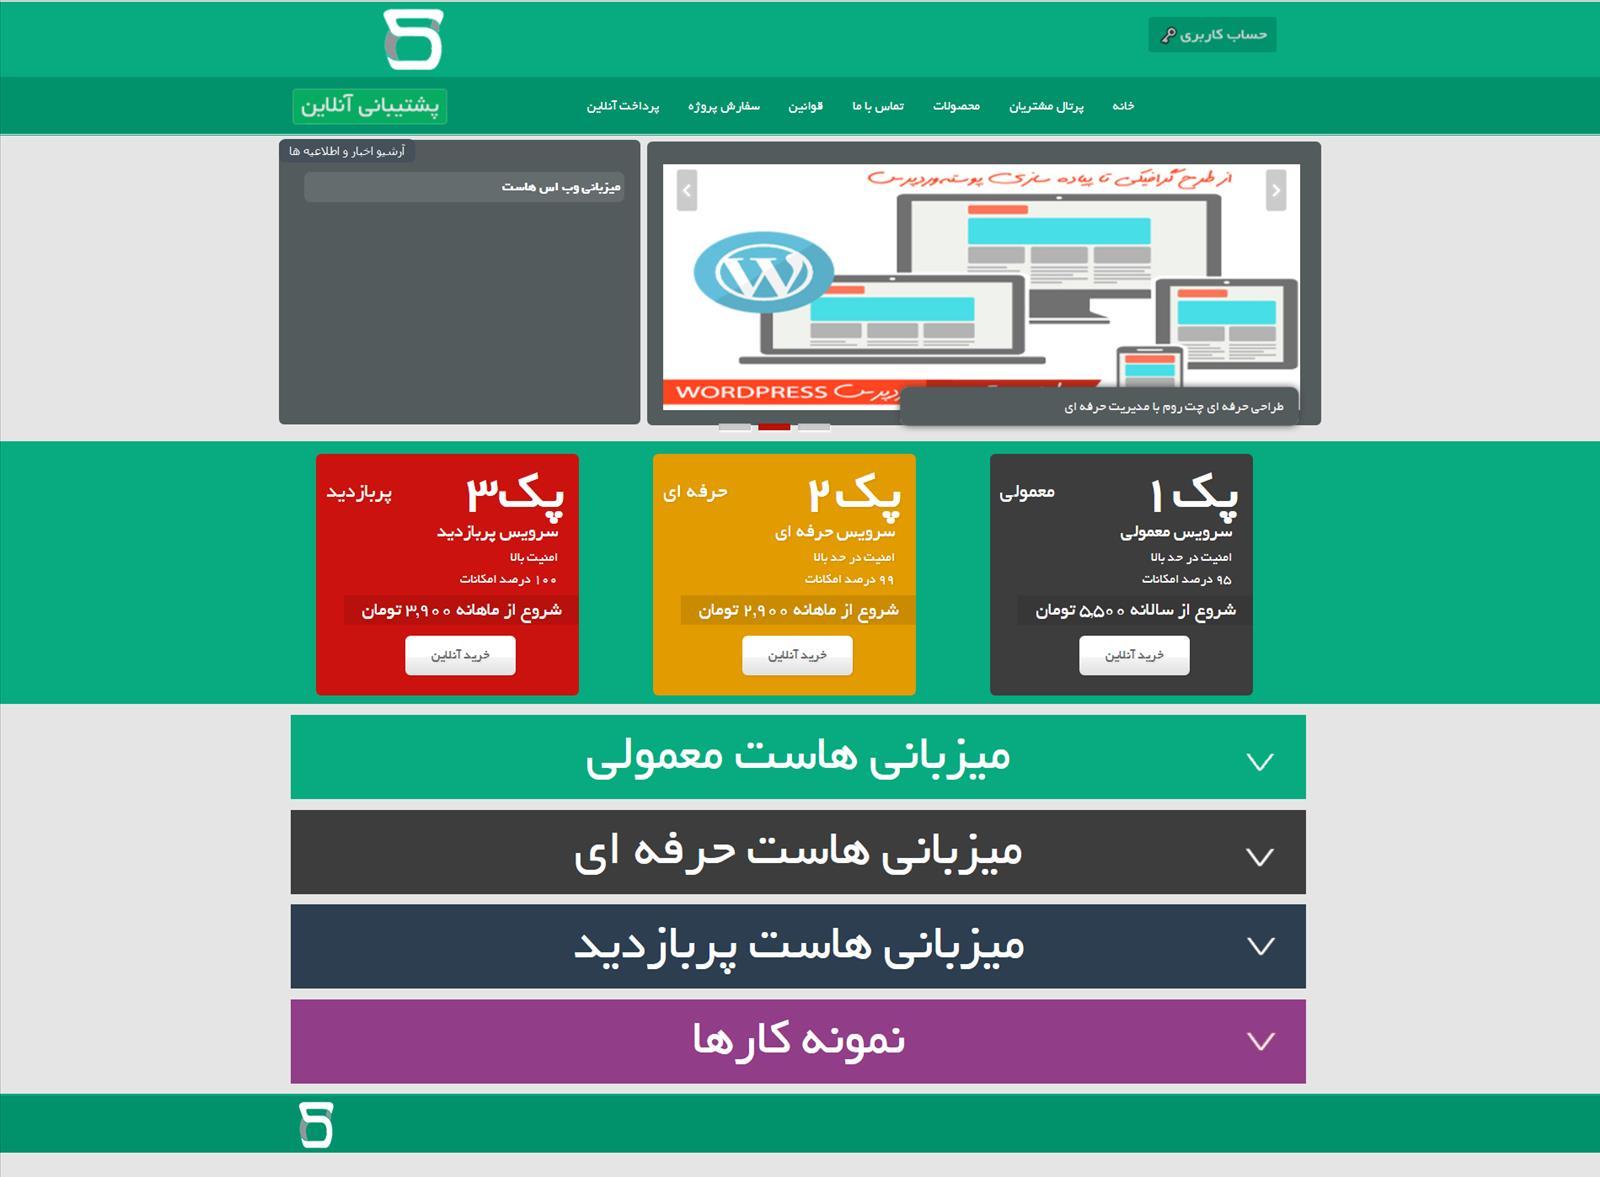 طراحی وب سایت شرکتی اس هاست (نسخه قدیمی) SHOST